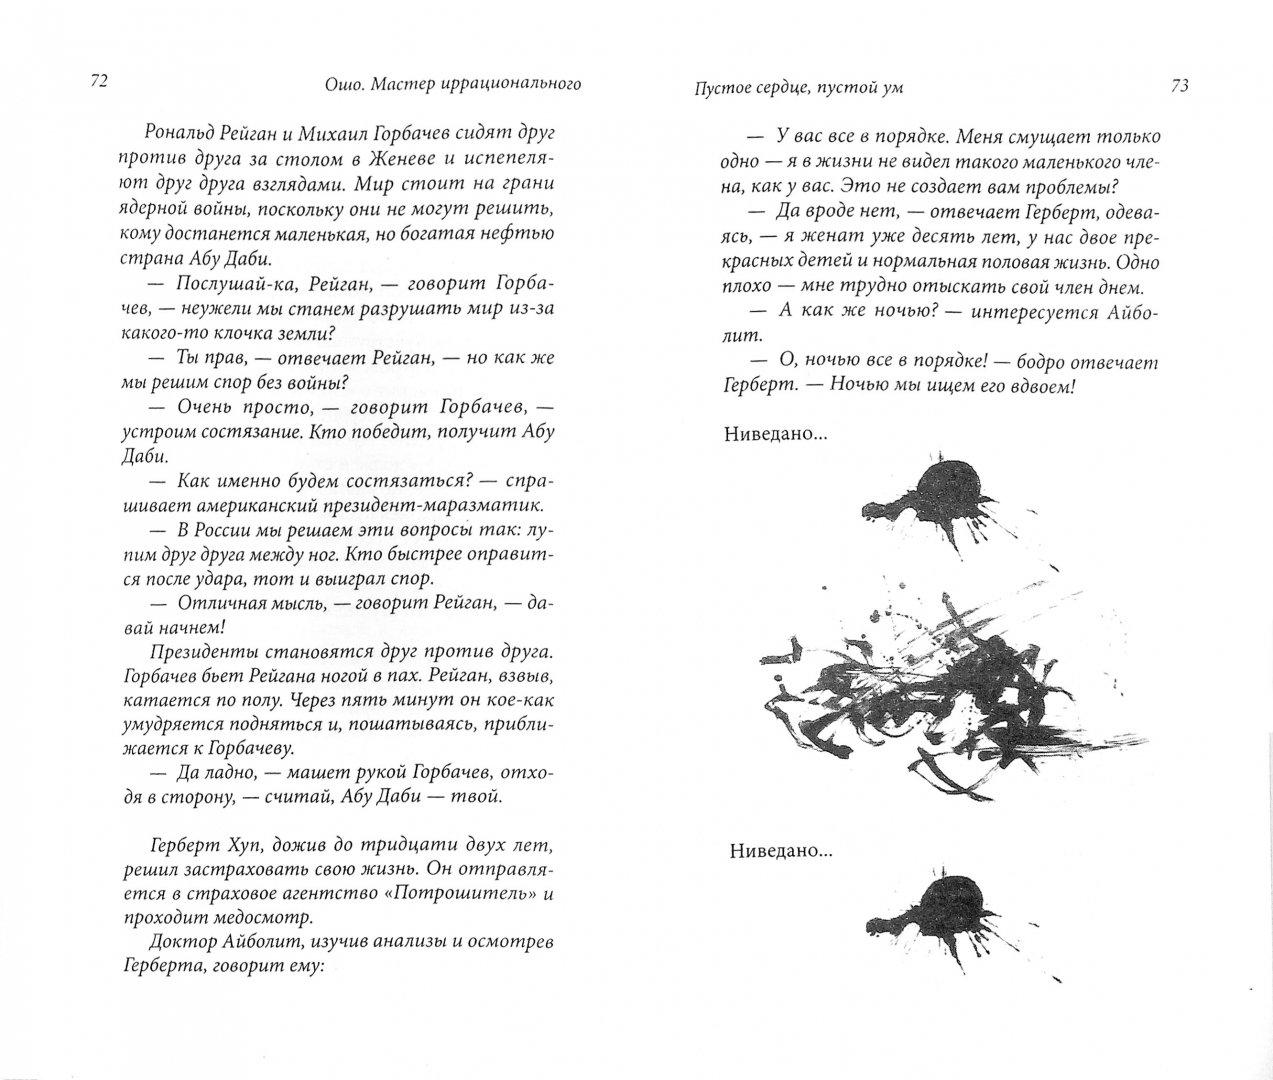 Иллюстрация 1 из 8 для Мастер иррационального - Ошо Багван Шри Раджниш   Лабиринт - книги. Источник: Лабиринт